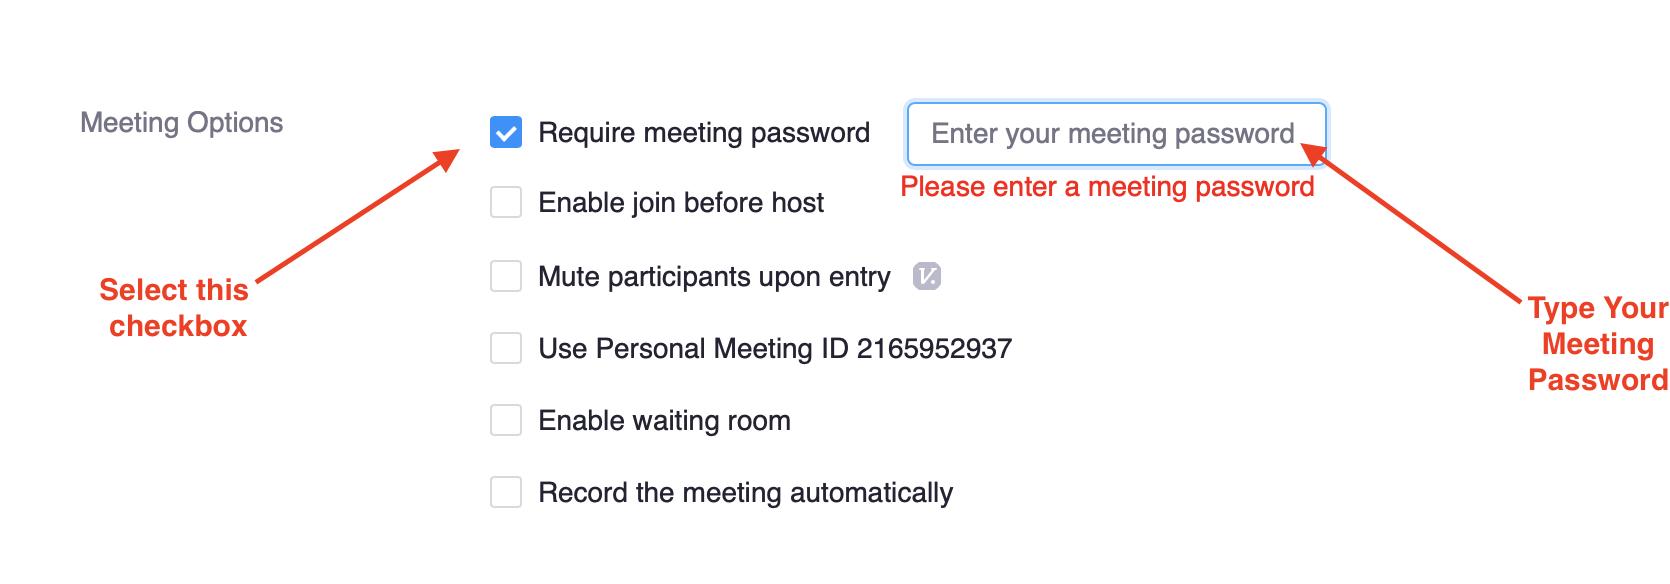 Require Meeting Password